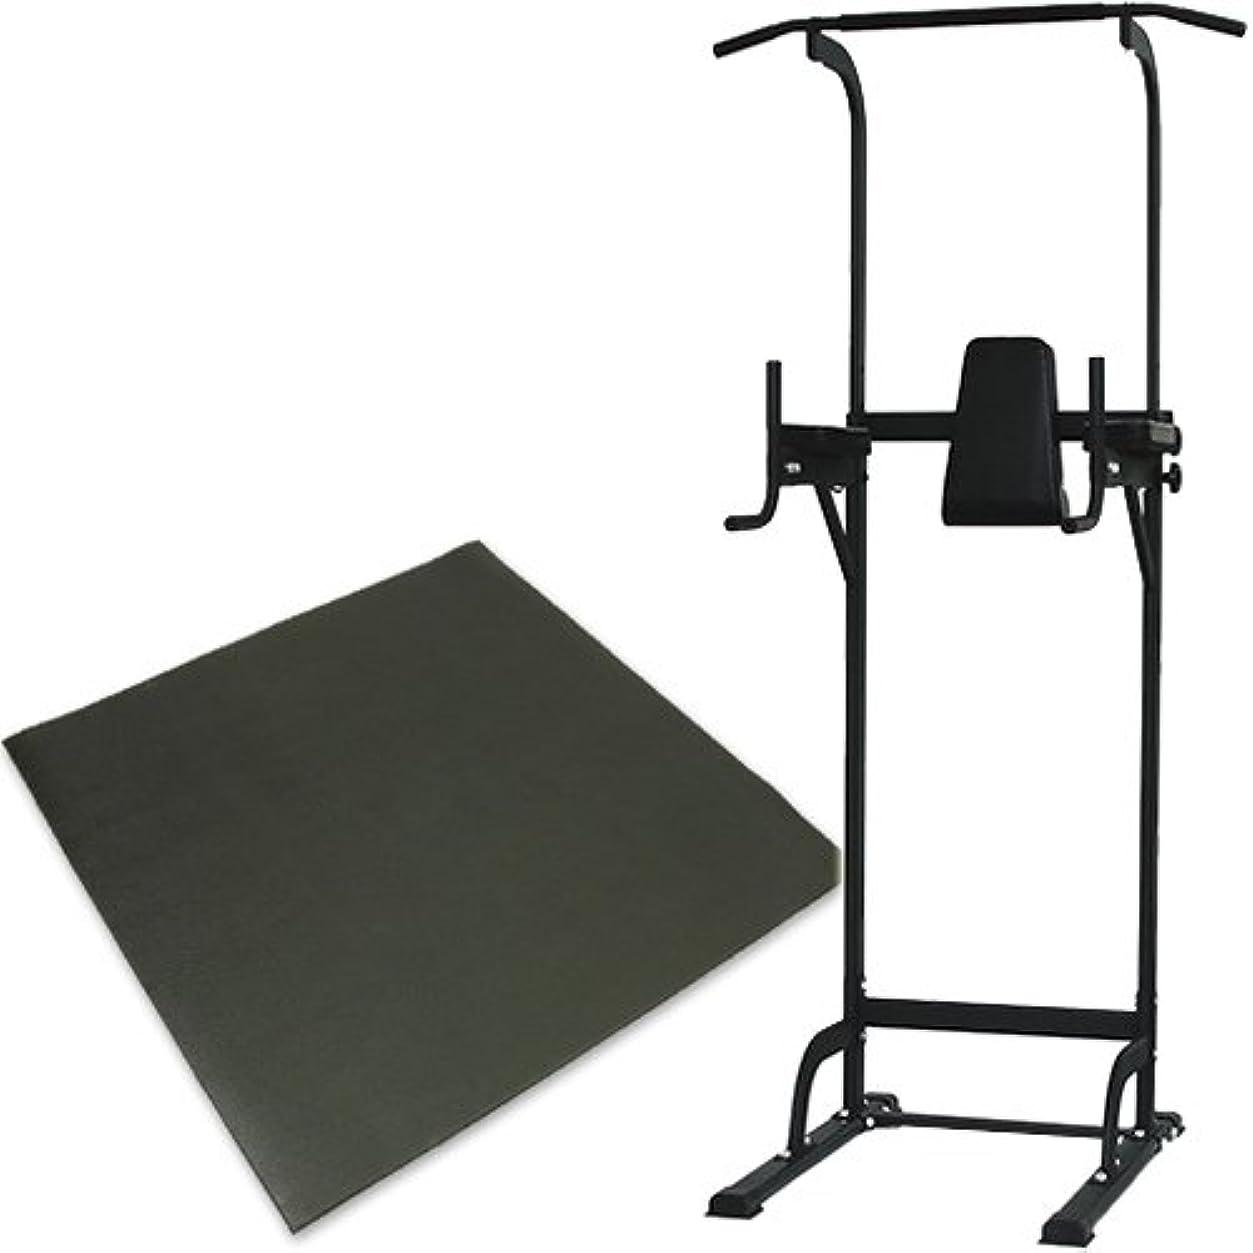 悲惨再生的住所リーディングエッジ ホームジム ST 保護マットセット 懸垂器具 腹筋 腕立て運動可能 マルチジム LE-VKR02